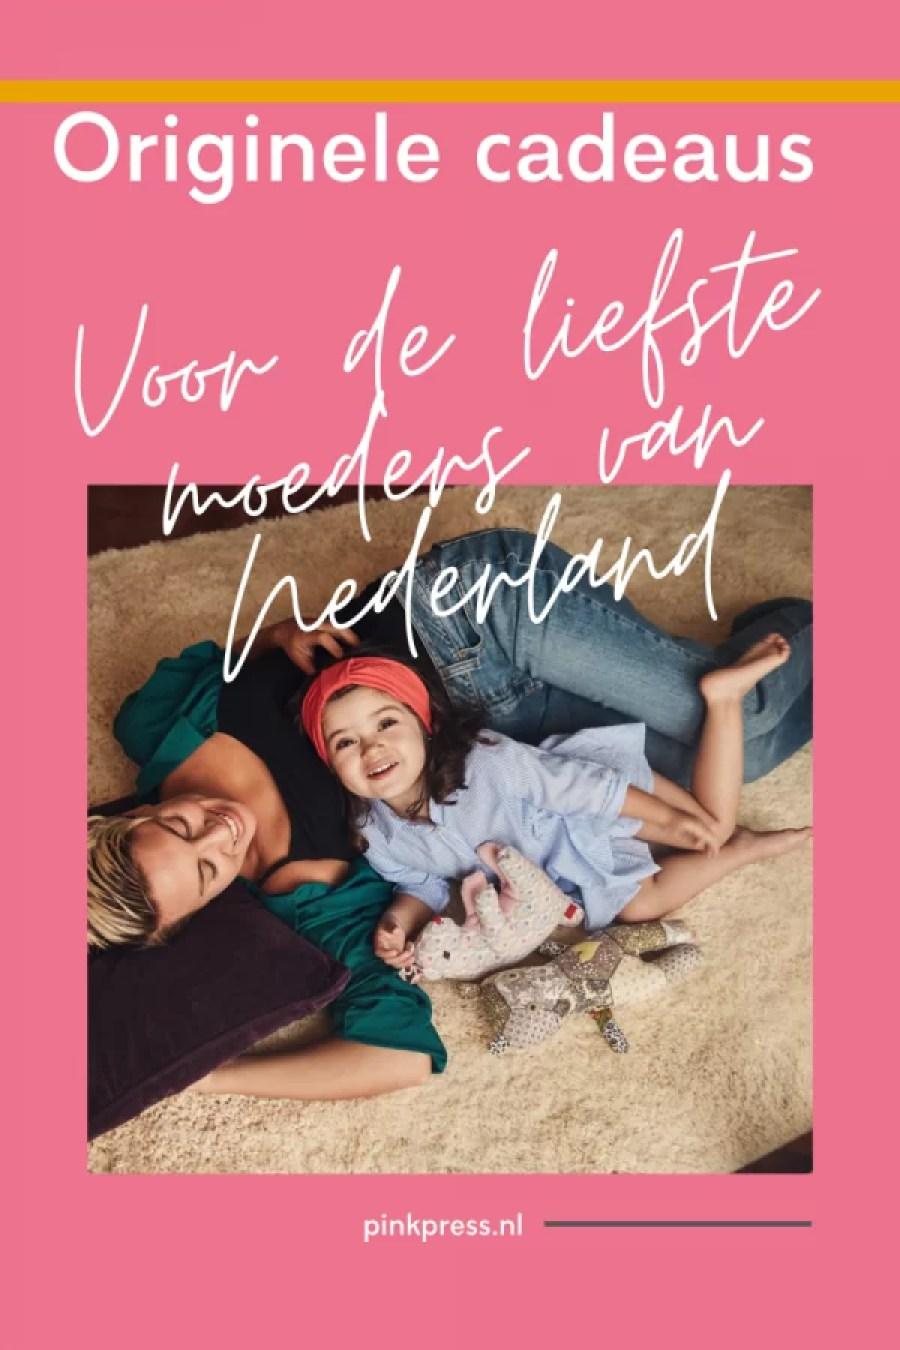 B623C0EE 27D7 4B7B 99C0 A94203A0A65F - Voor de allerliefste moeders van Nederland